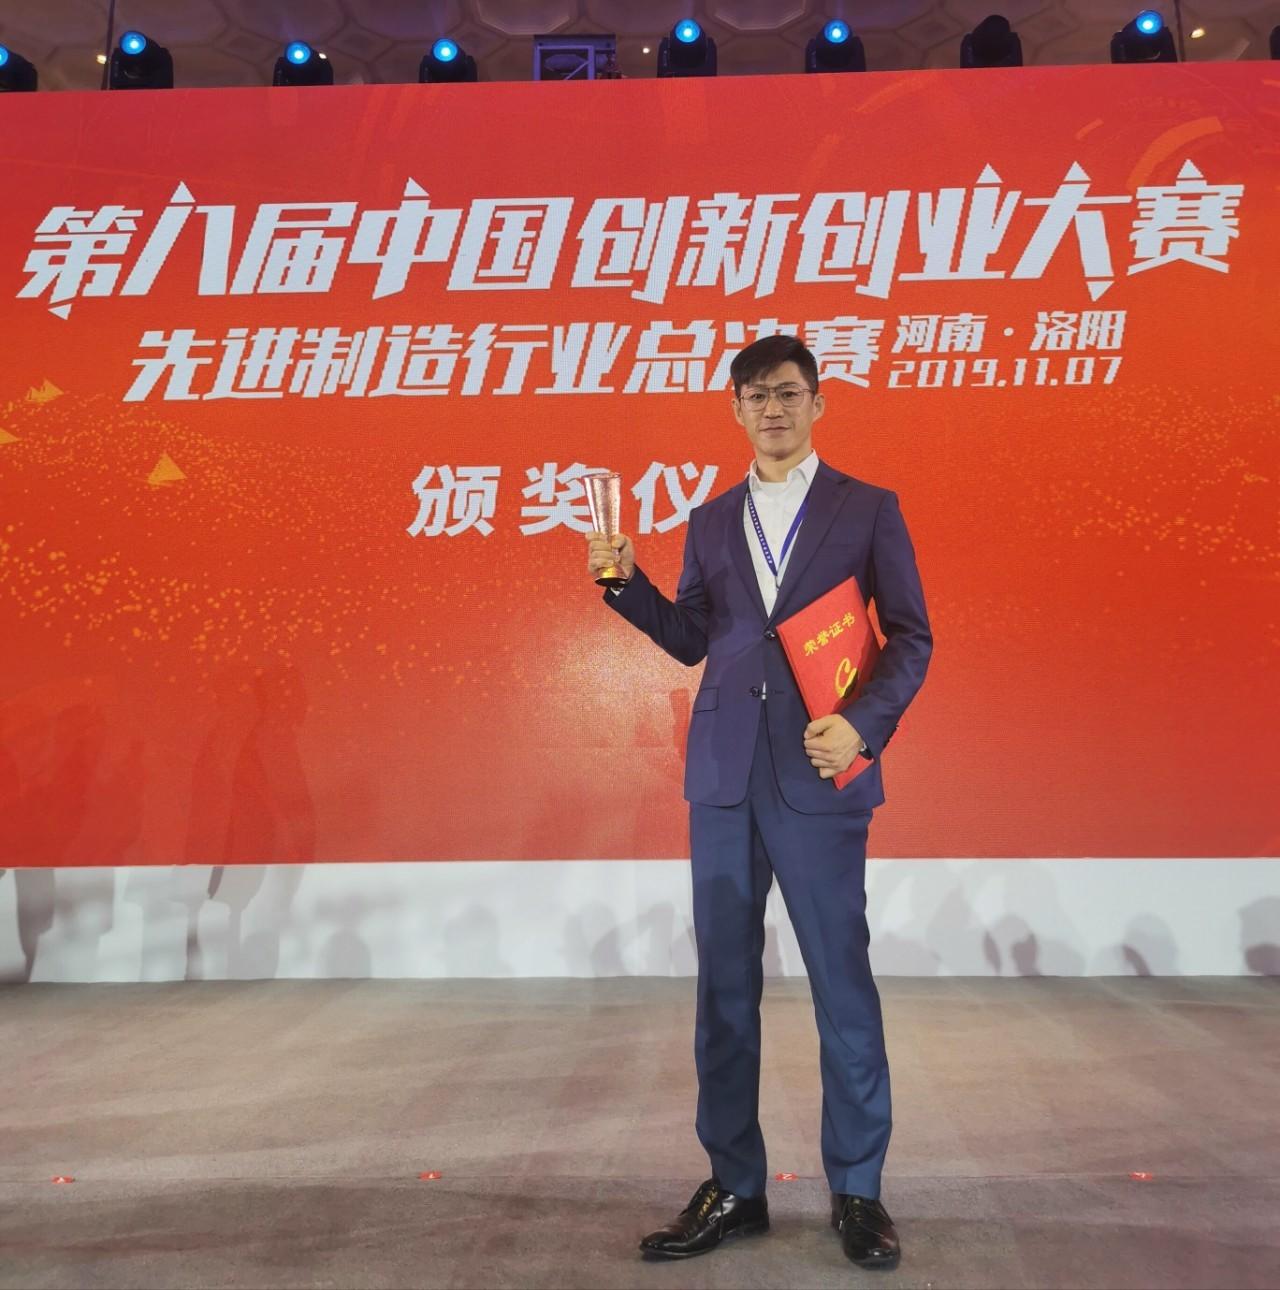 再传捷报!葡亰娱乐场闪耀中国创新创业大赛总决赛